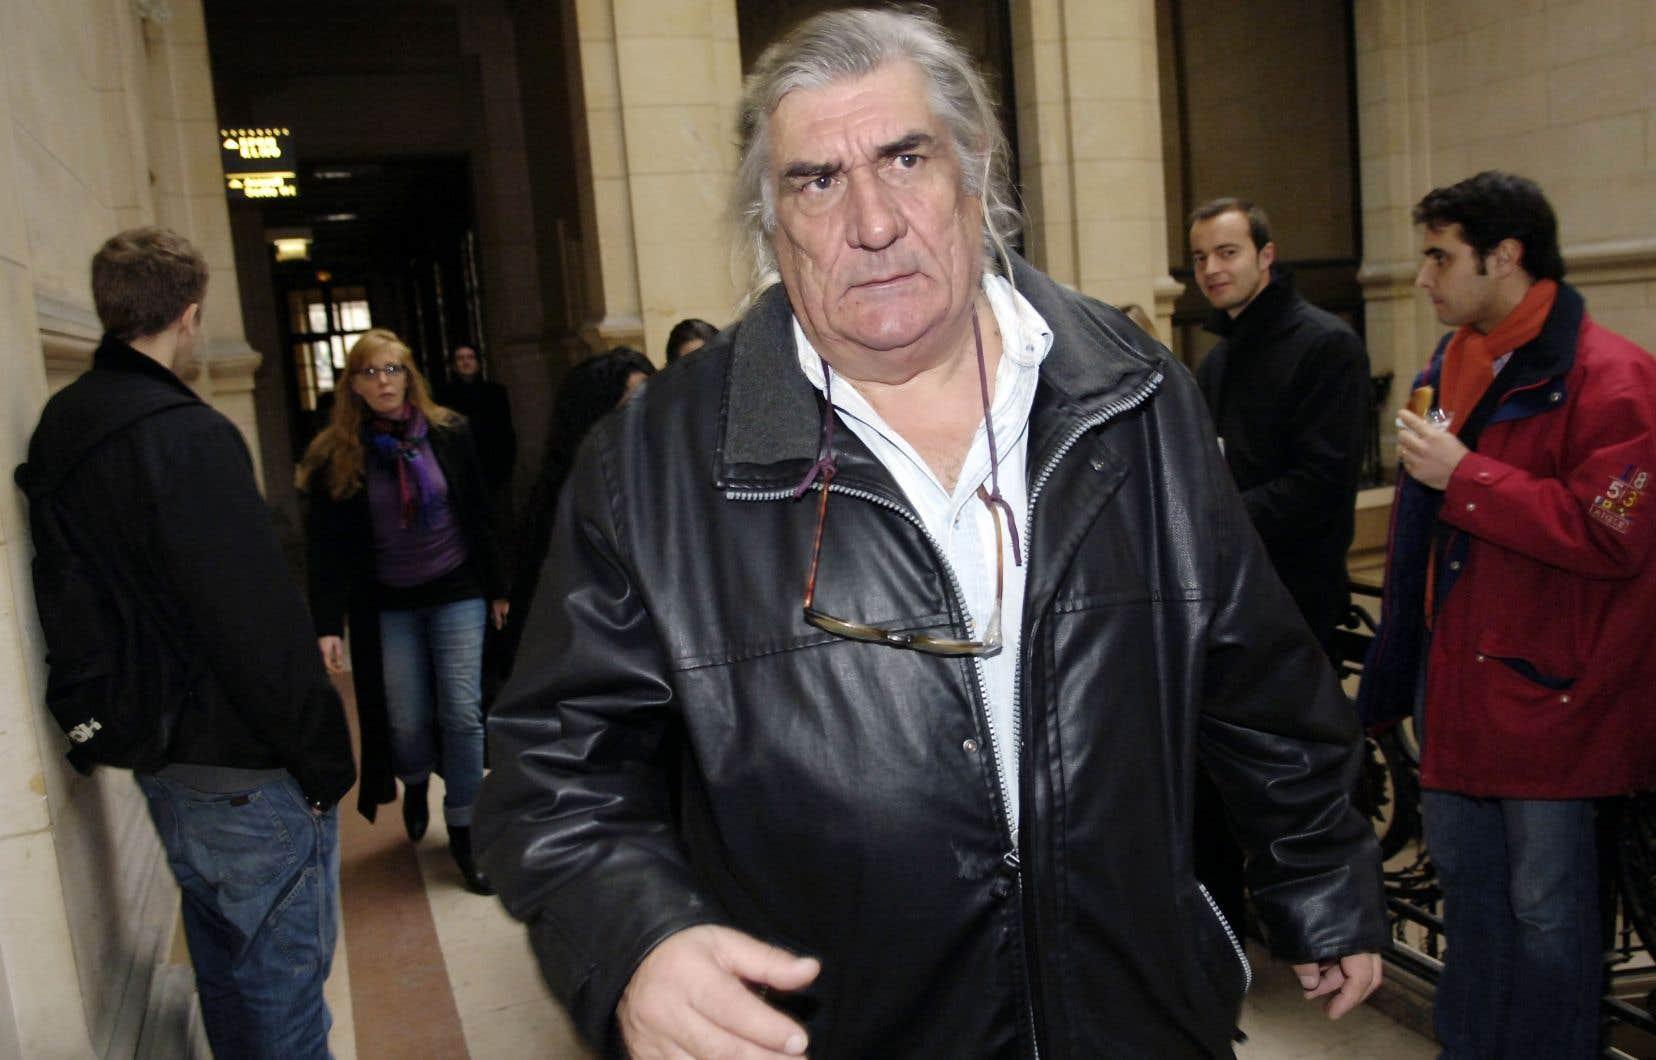 Condamné en 2005 pour harcèlement sexuel, Jean-Claude Brisseau avait été dernièrement rattrapé par le mouvement #MeToo.